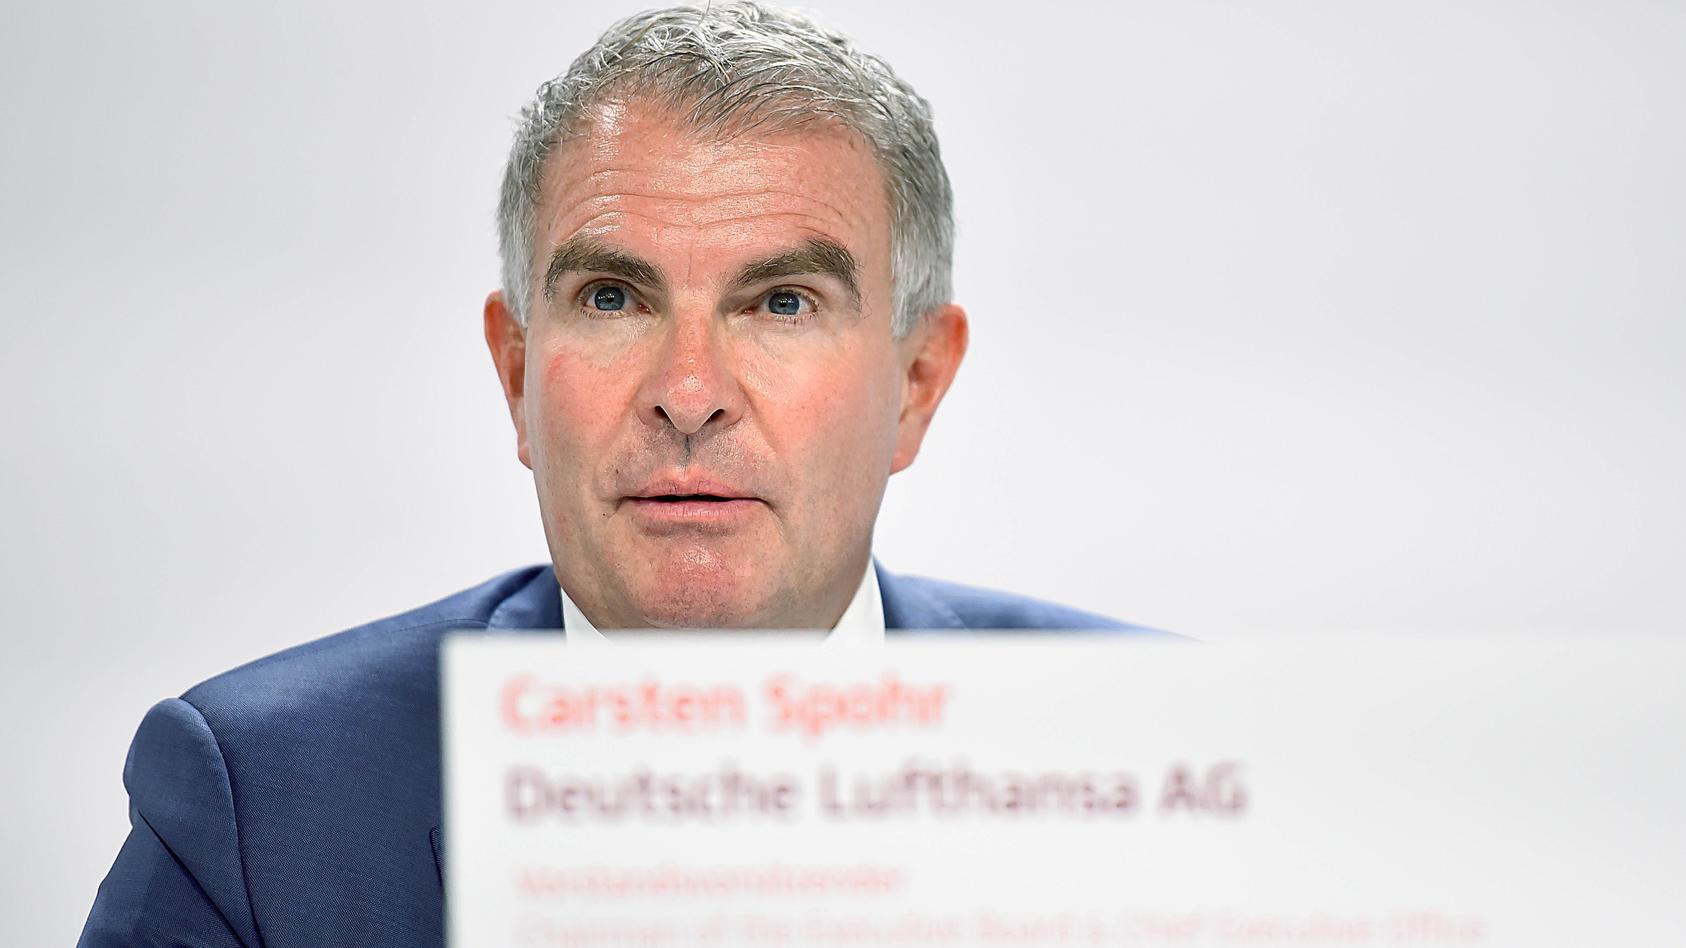 Laut Lufthansa-Chef Carsten Spohr werden Langstreckenflüge künftig wohl nur mit einem negativen Corona-Test oder einem Impfnachweis möglich sein.